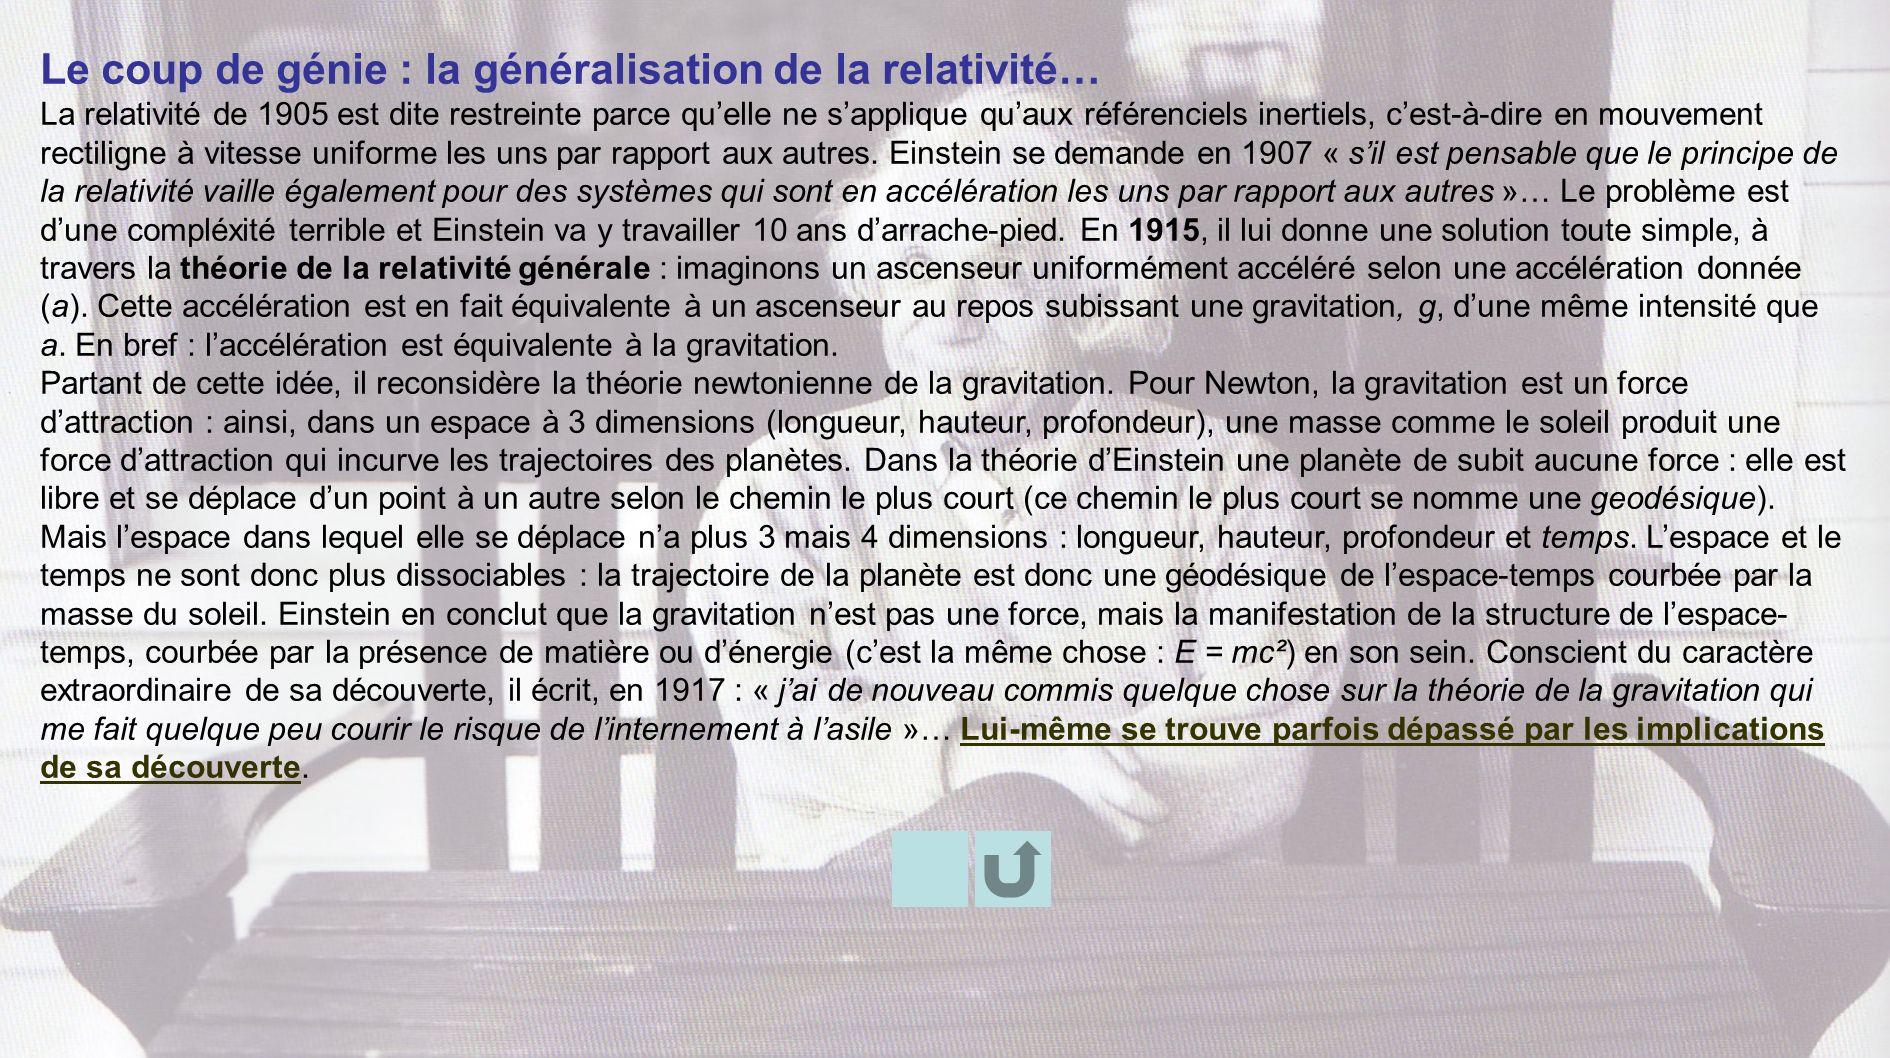 Le coup de génie : la généralisation de la relativité…